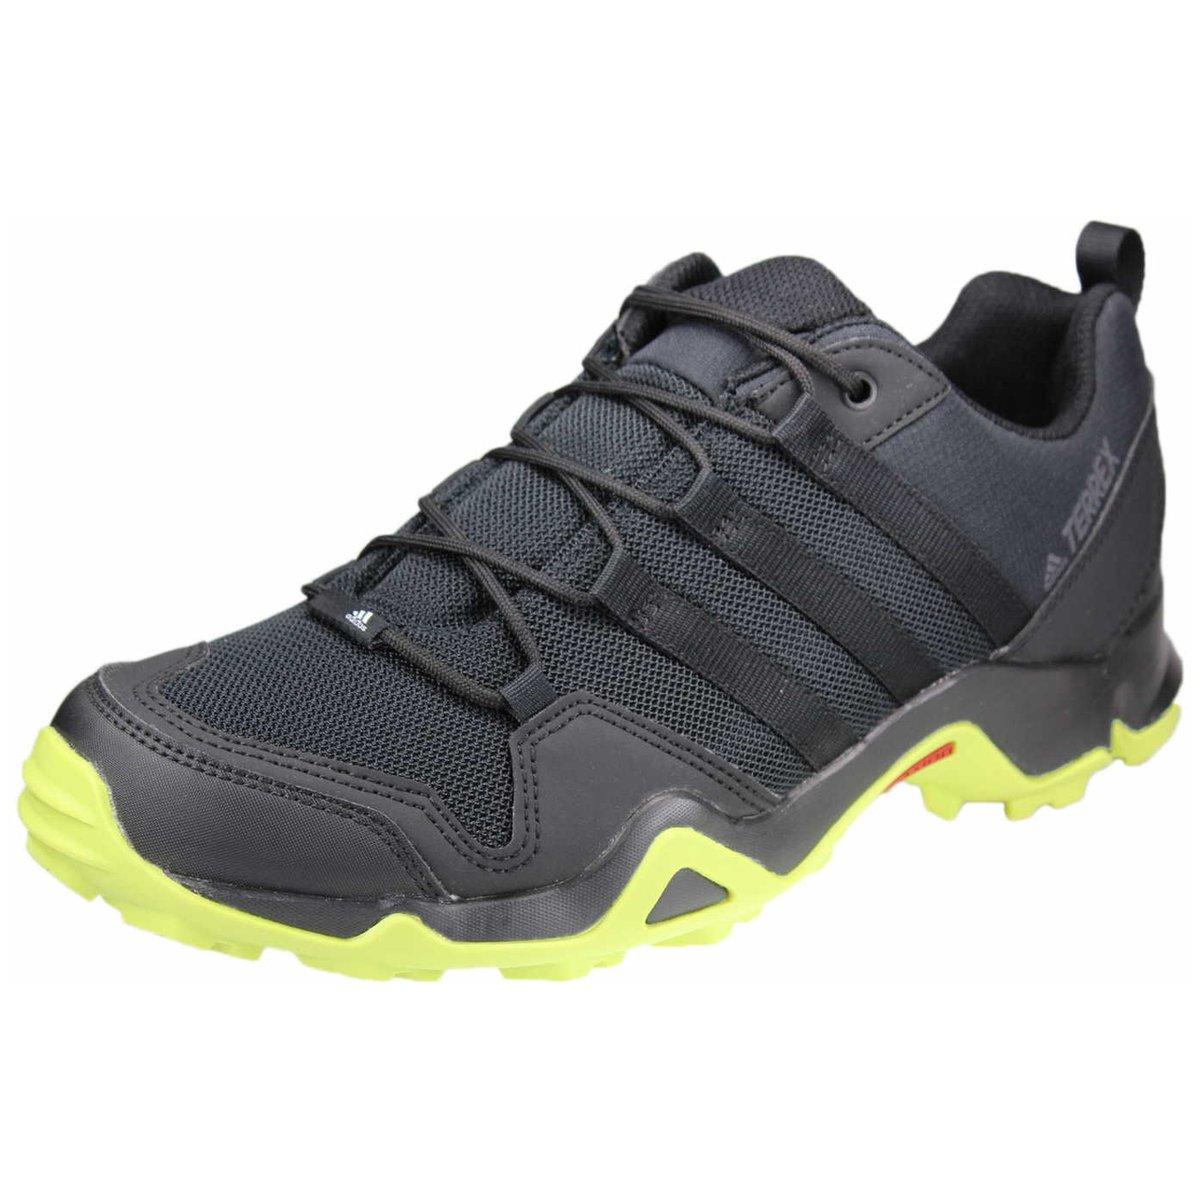 Adidas Herren Sportchuhe schwarz-pistaziengrün S80911 Terrex AX2R schwarz